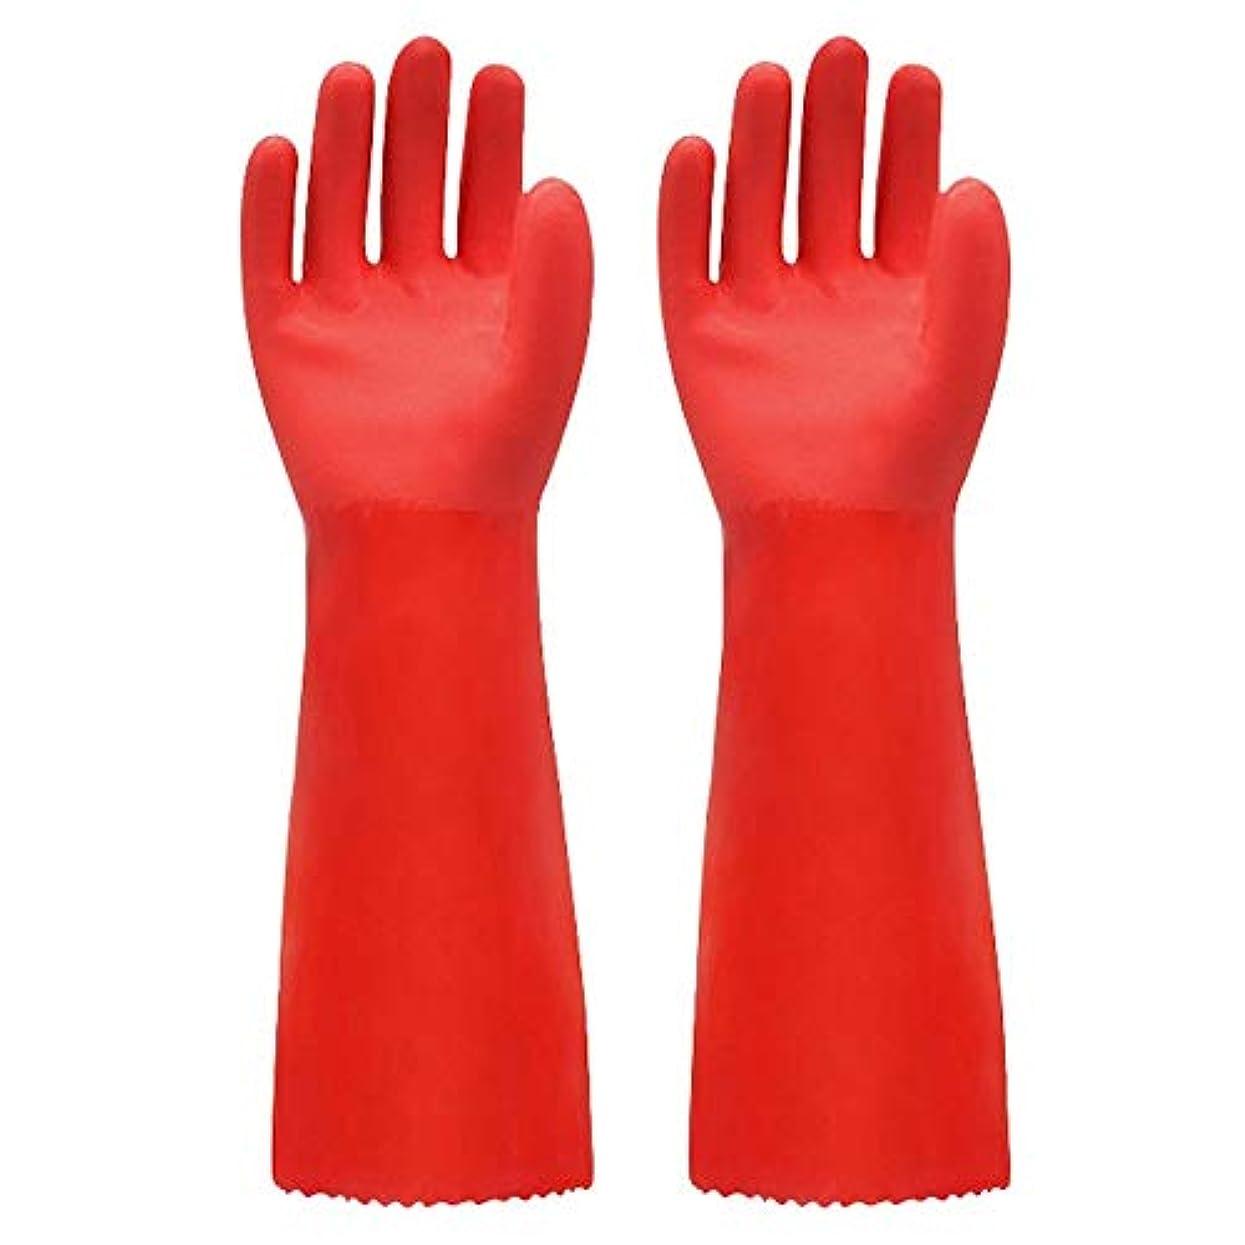 仕出します経済スティーブンソンニトリルゴム手袋 ゴム手袋長く暖かいとビロードのゴム製防水と耐久性のある手袋、1ペア 使い捨て手袋 (Color : RED, Size : L)